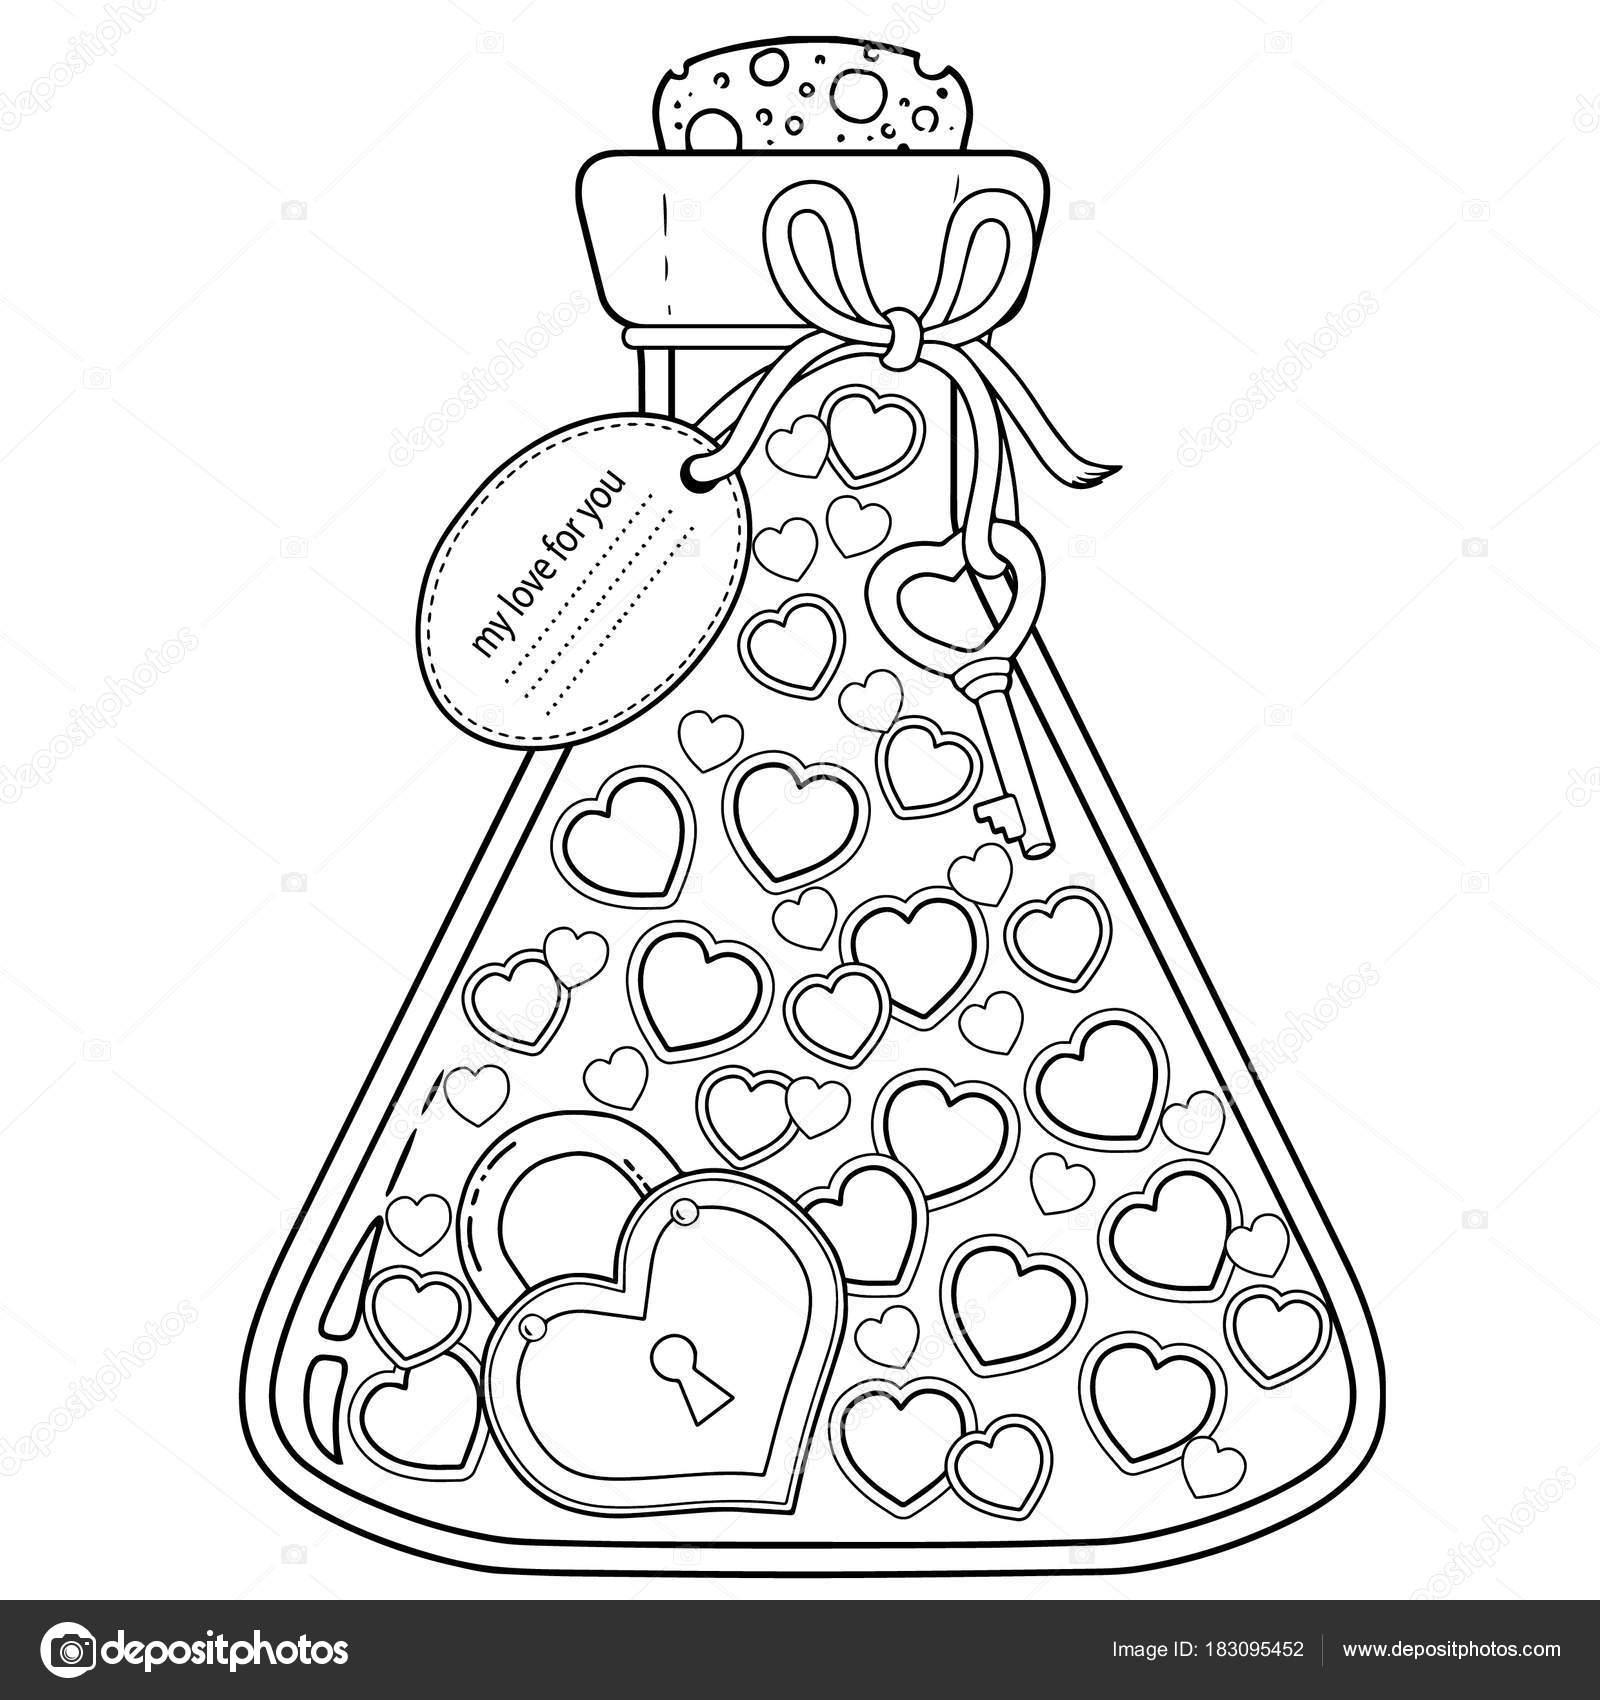 Kleurplaten Voor Valentijnsdag.Vector Kleurplaten Voor Volwassenen Aftelkalender Voor Valentijnsdag